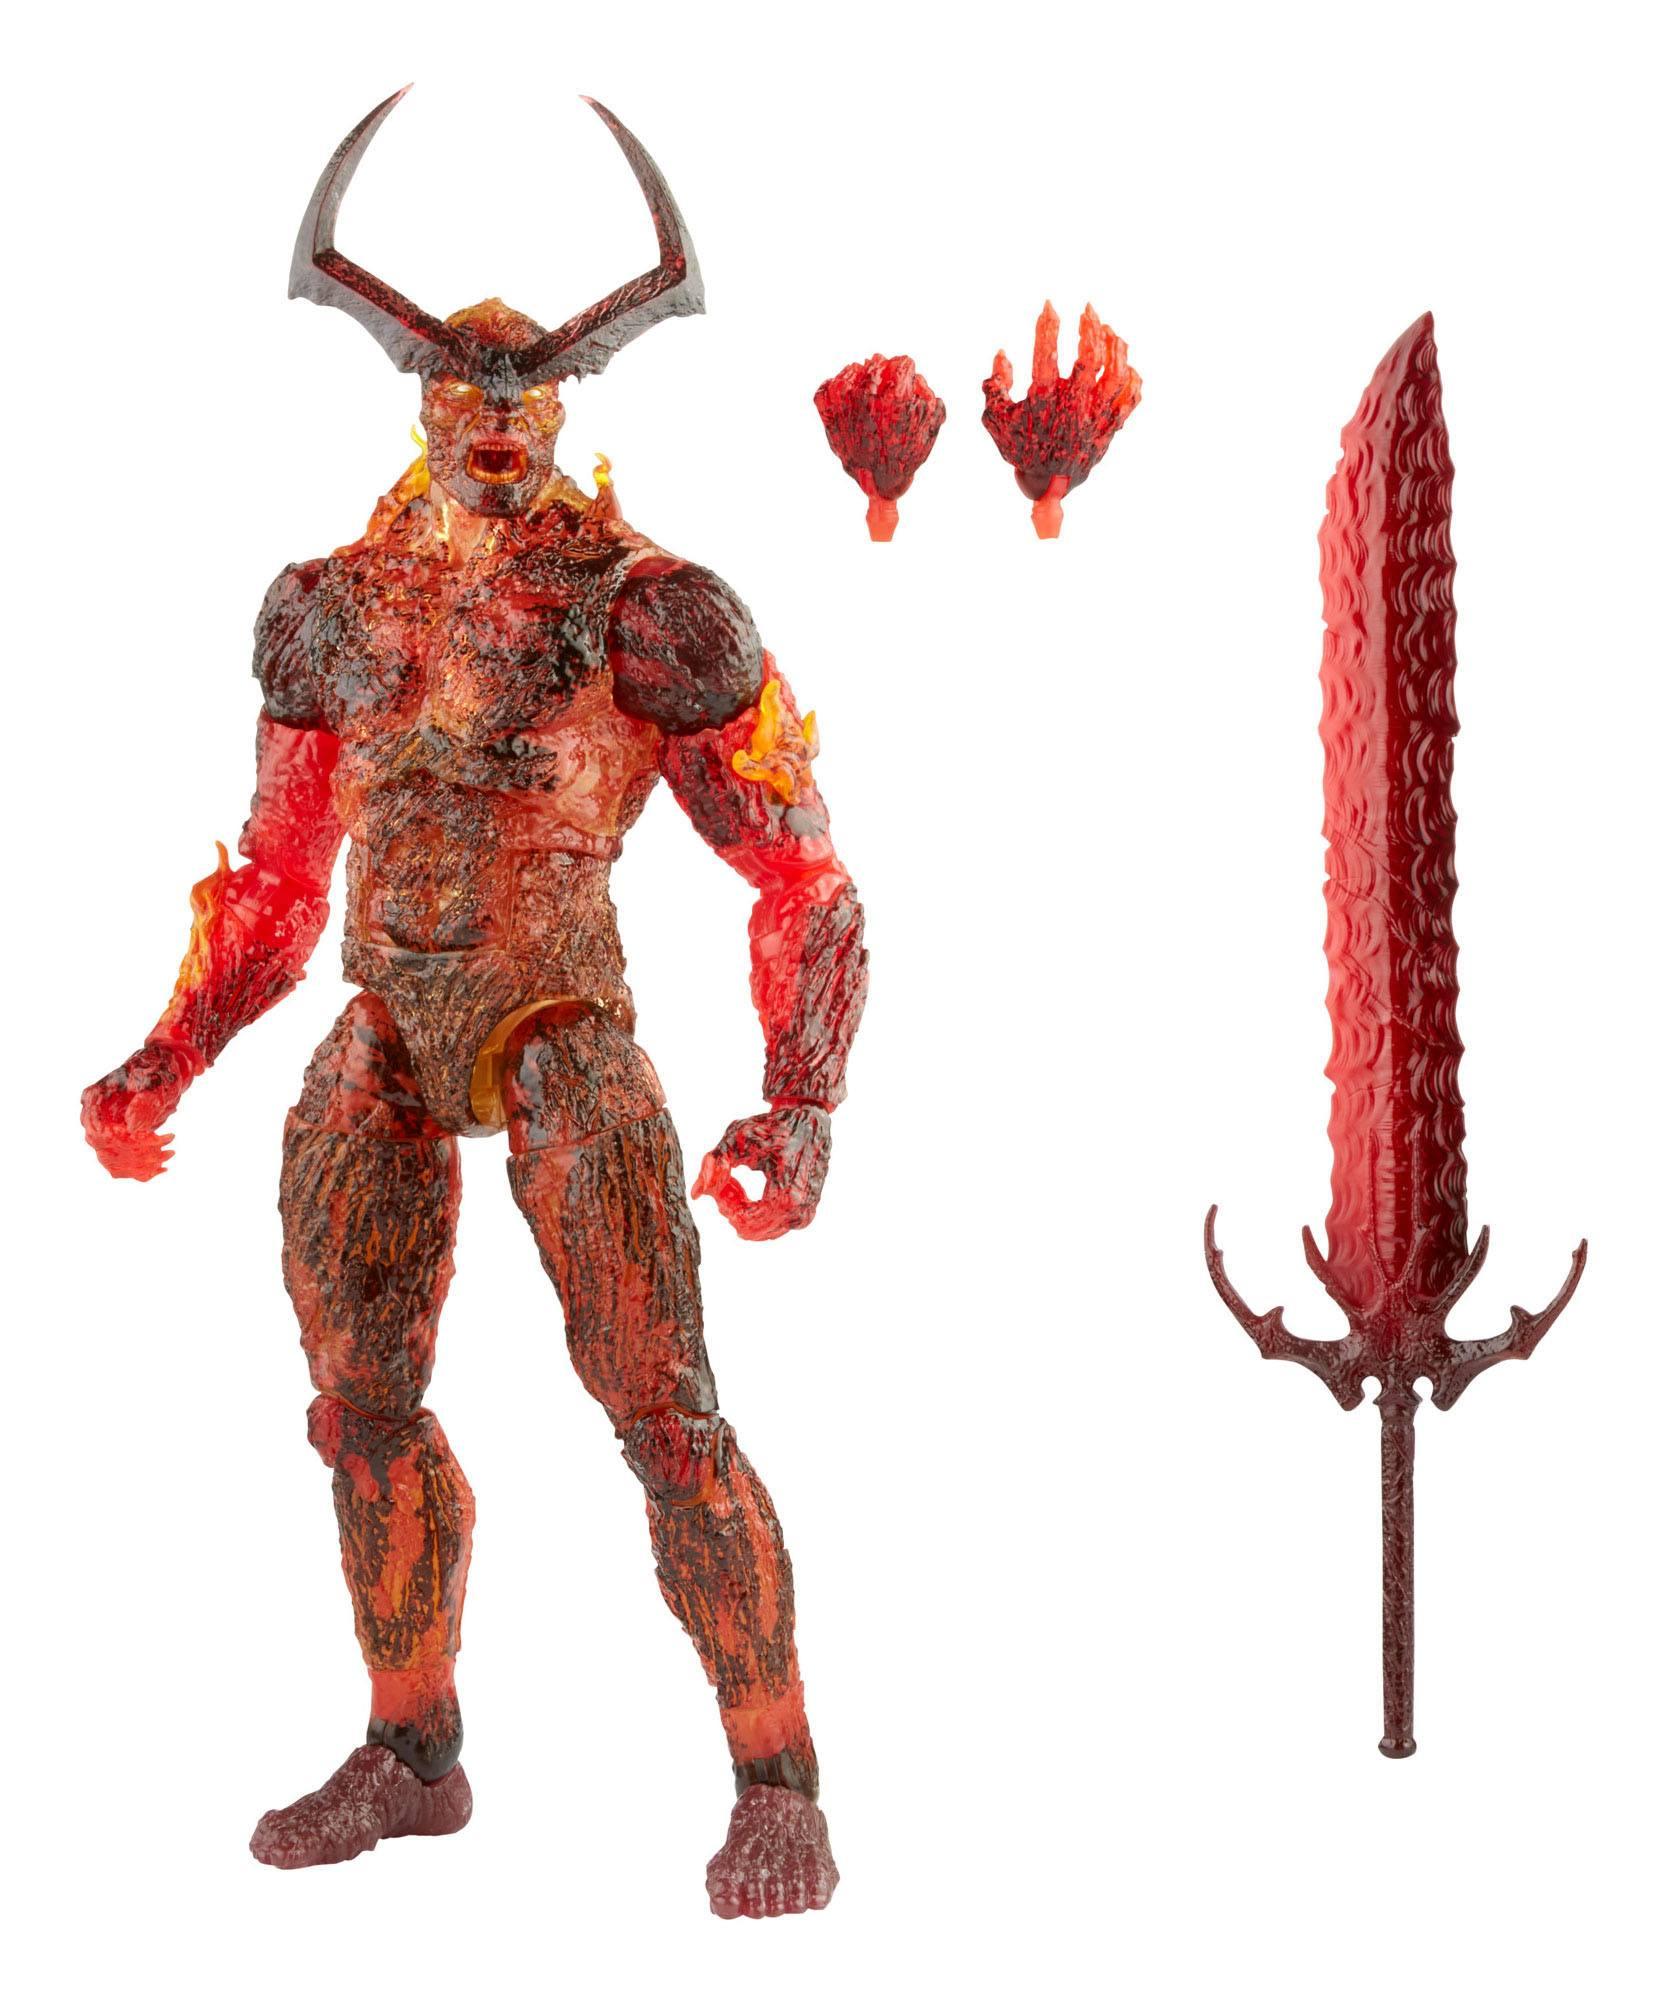 The Infinity Saga Marvel Legends Series Actionfigur 2021 Surtur (Thor: Tag der Entscheidung) 33 cm F01895L0 5010993842667